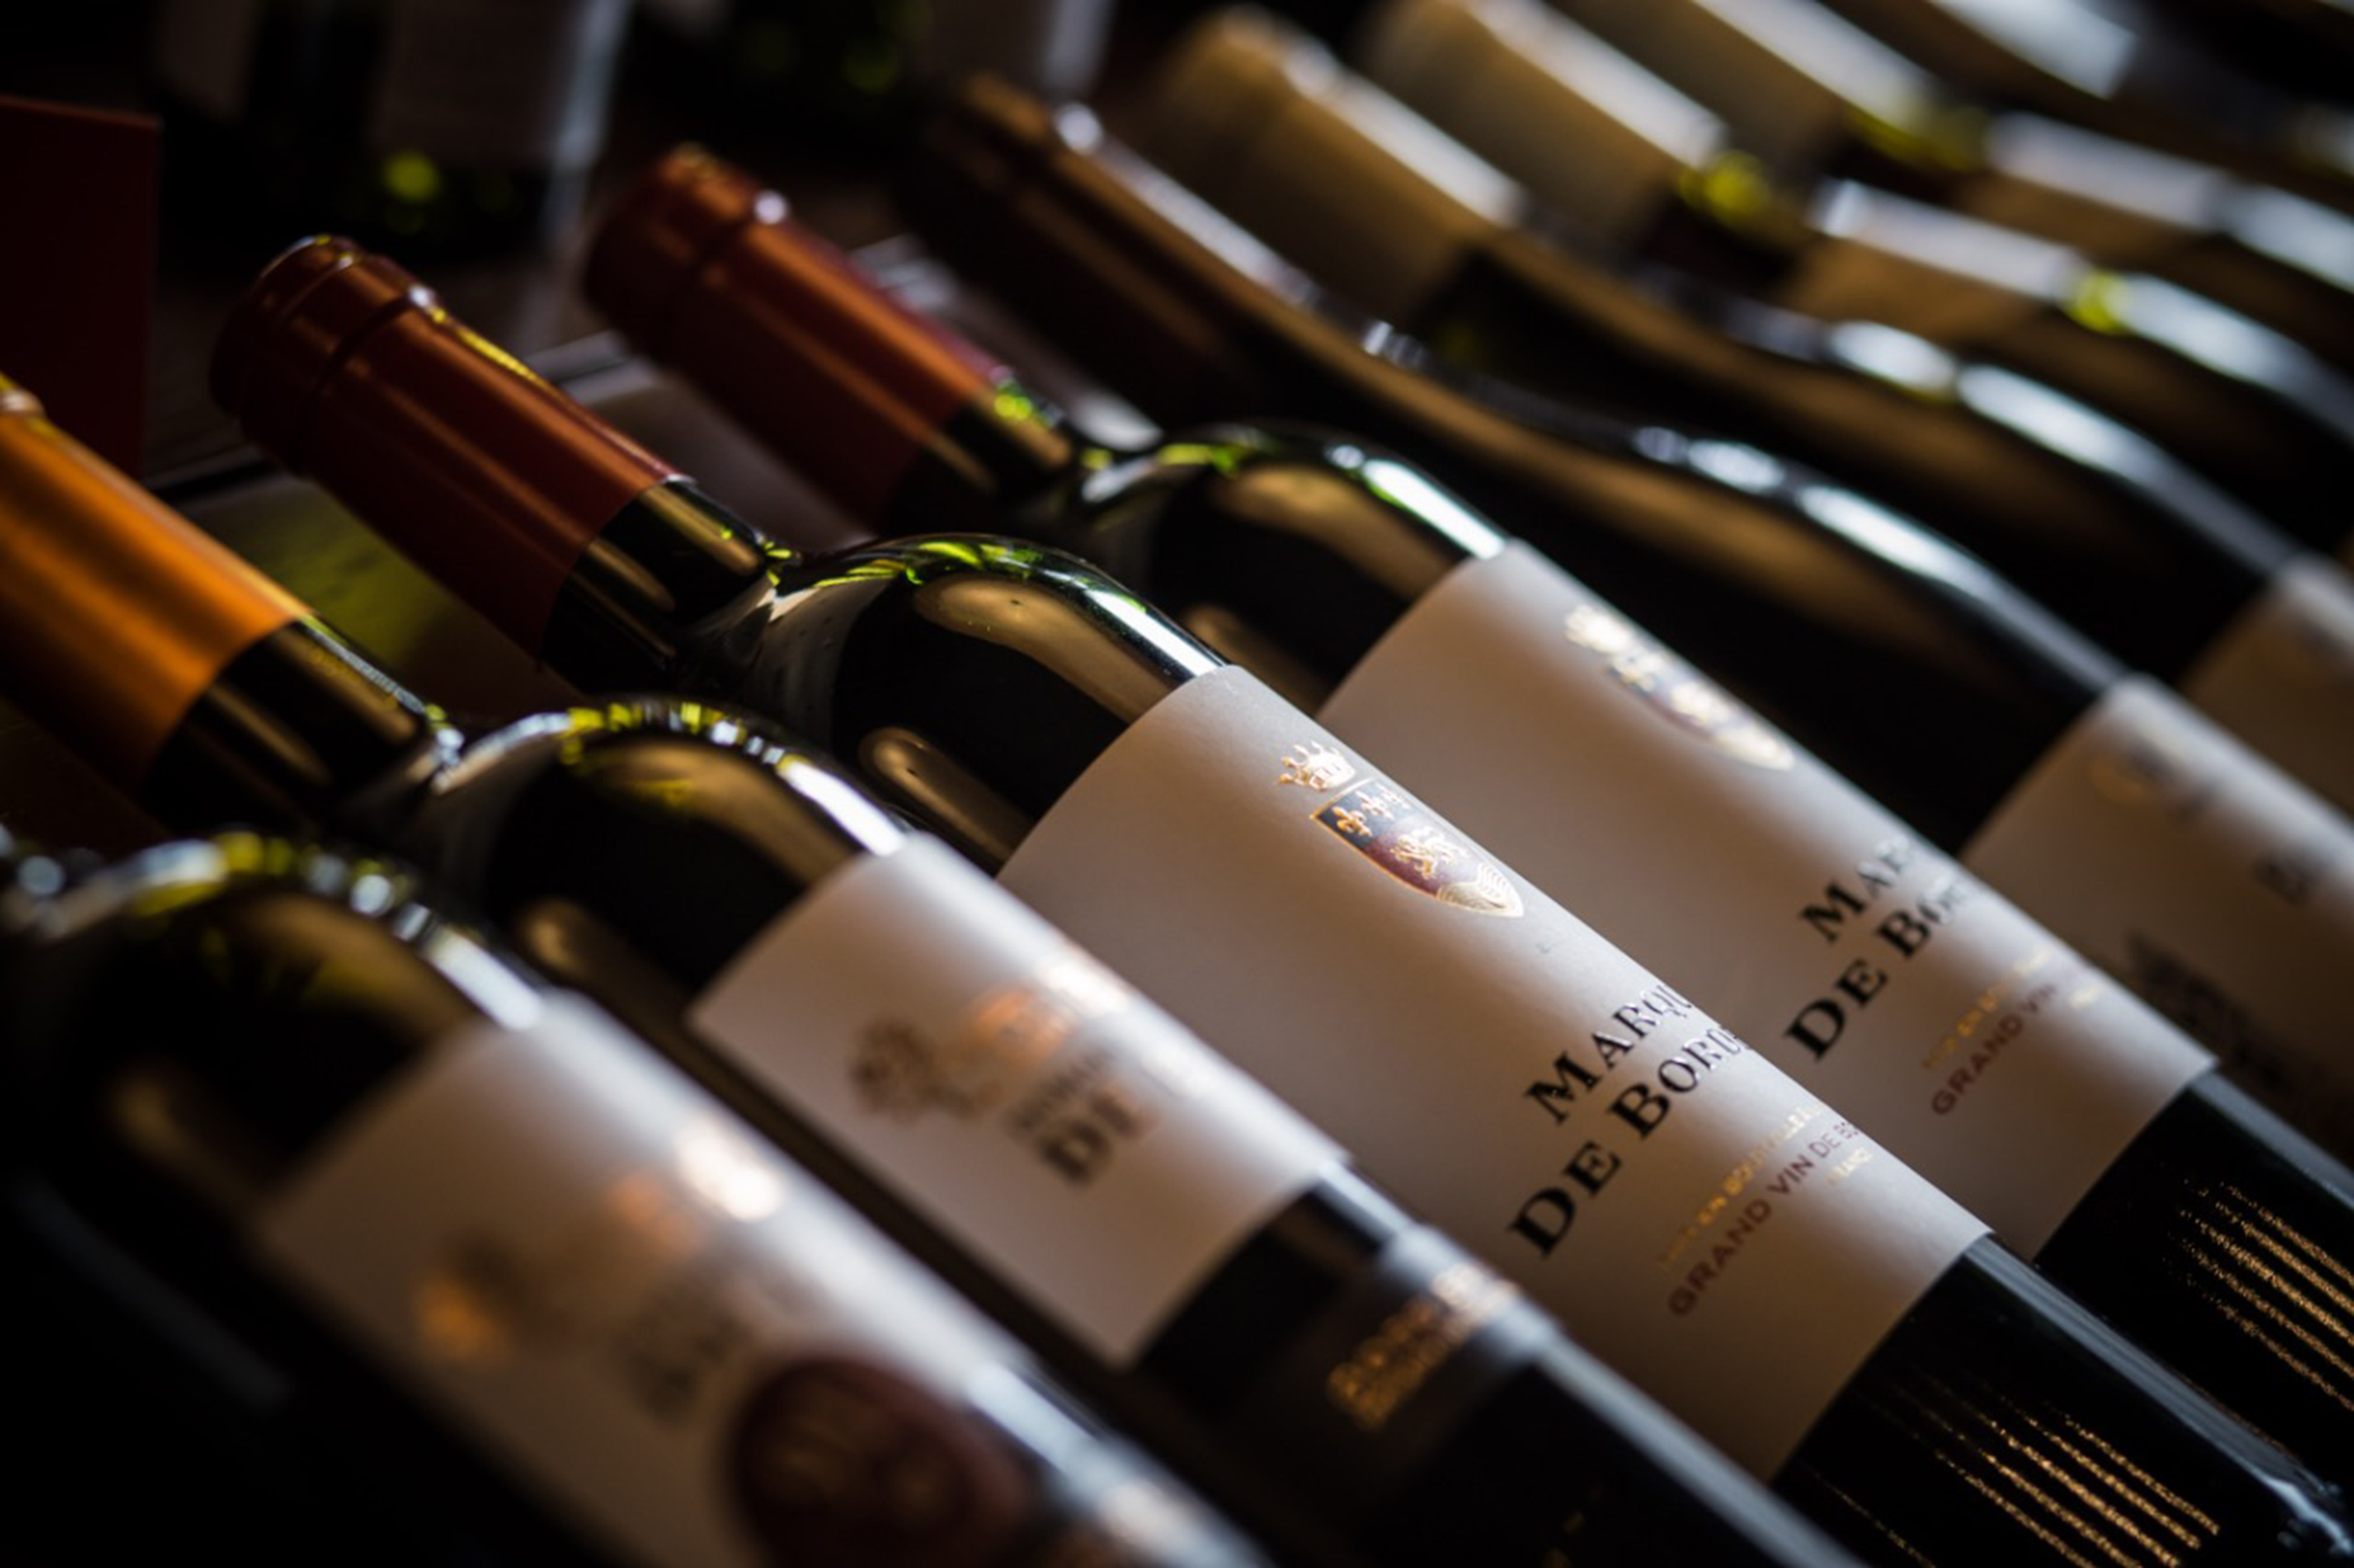 Grand Cru oferece desconto em mais de 200 rótulos da sua carta de vinhos. Confira!